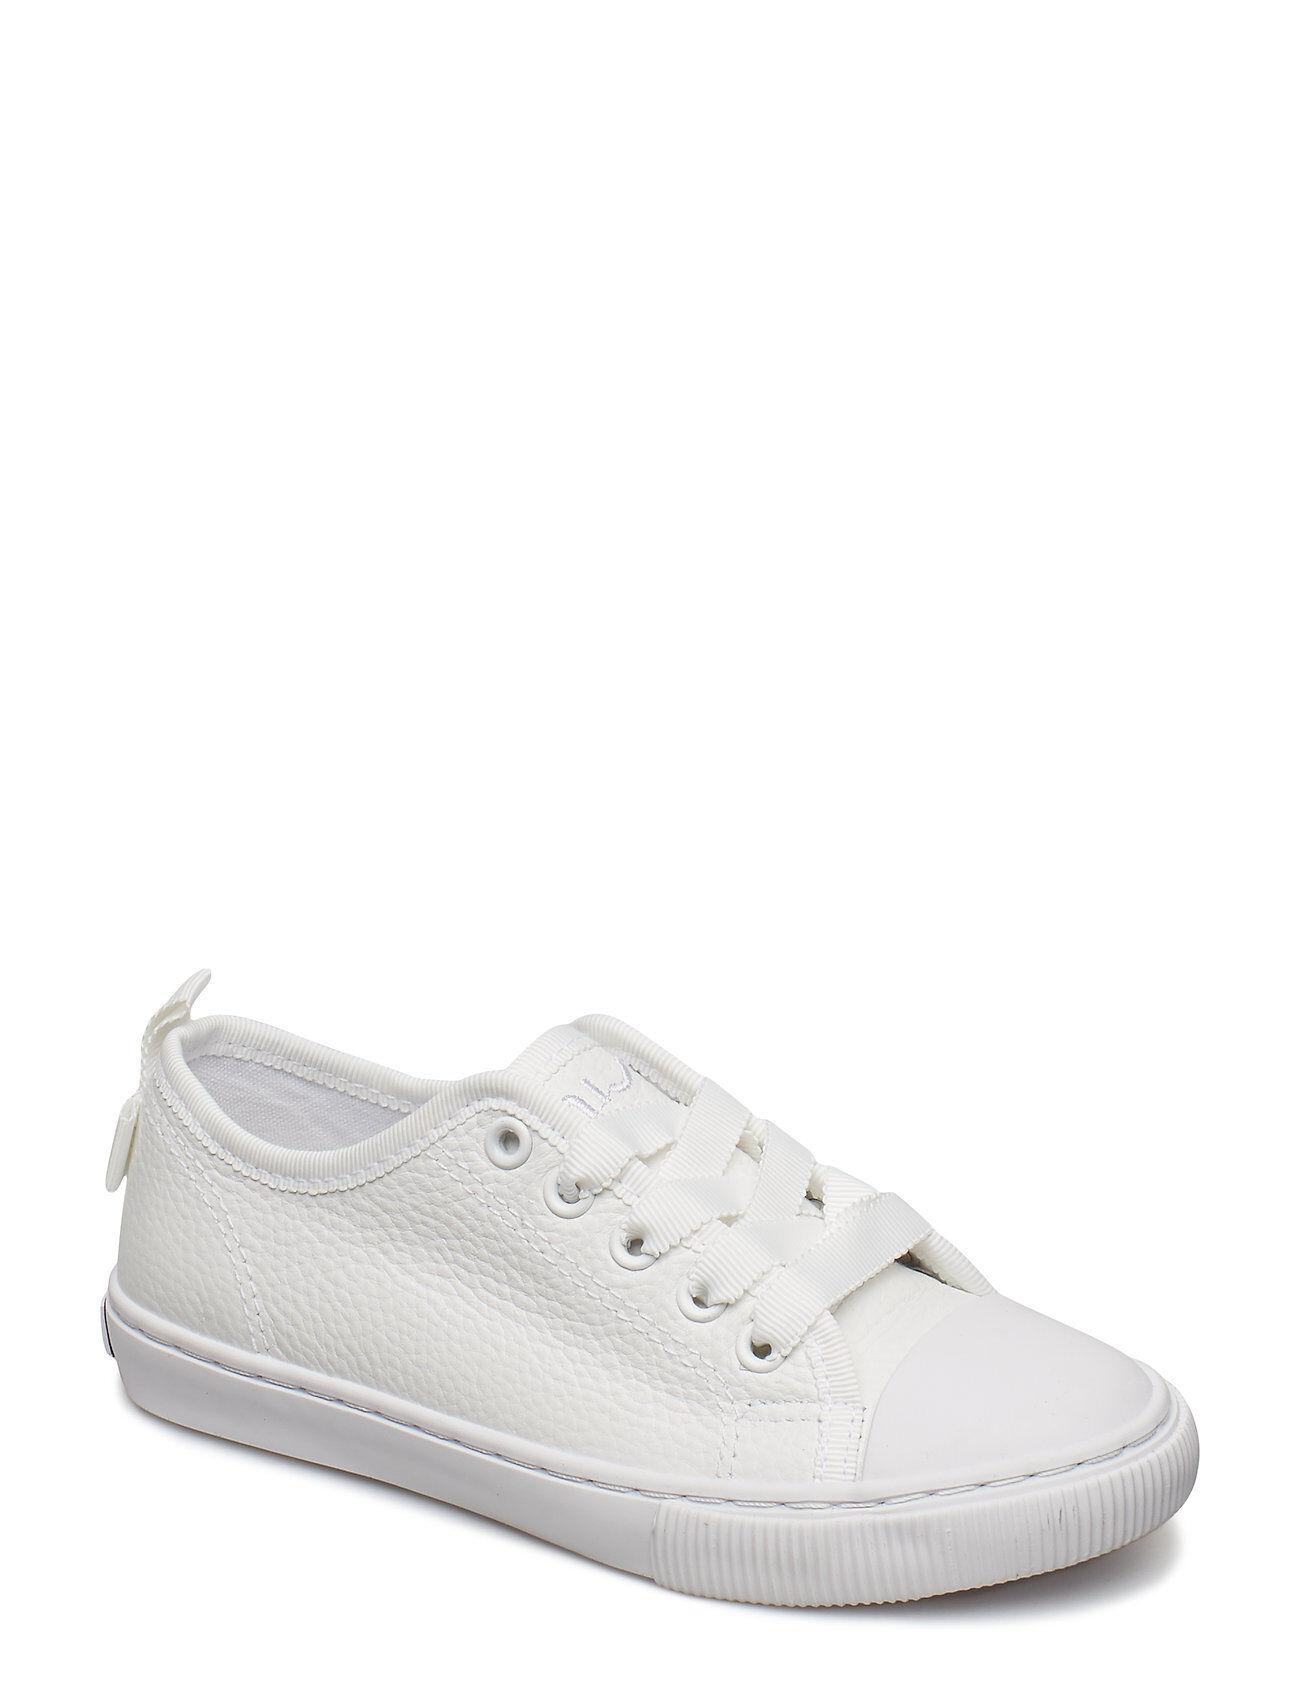 UNISA Xenia_19_lyc Tennarit Sneakerit Kengät Valkoinen